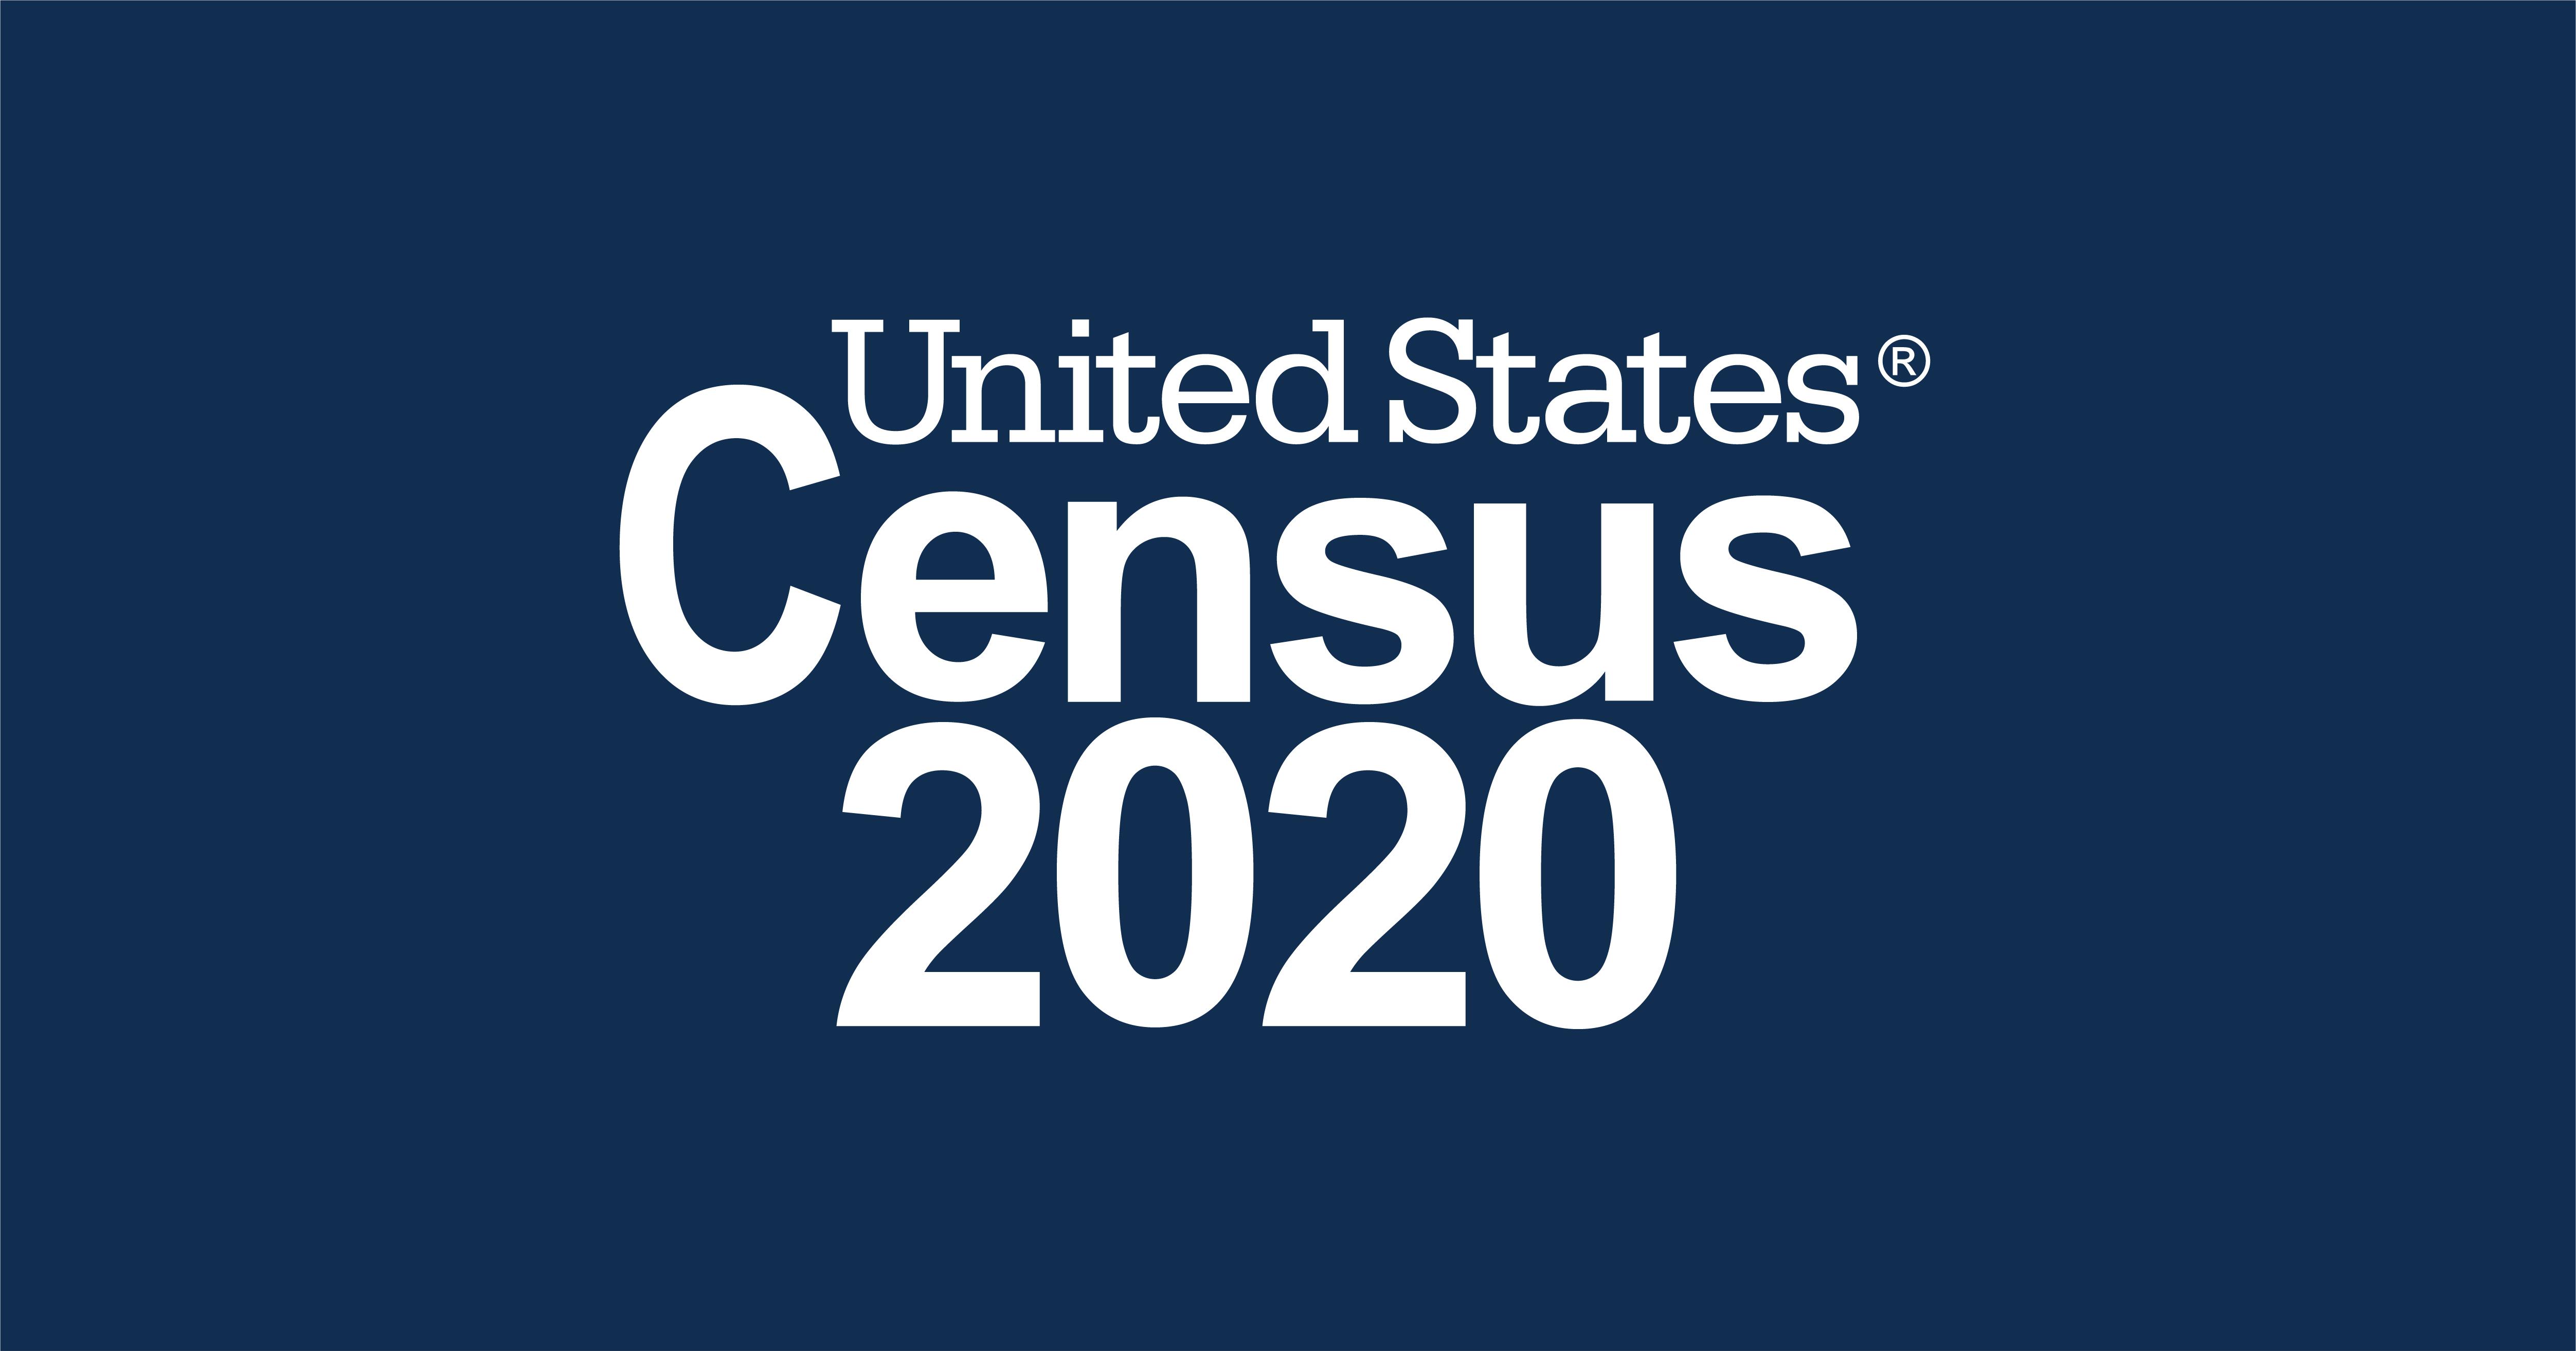 Tuyên bố chung của Cục Thống Kê Dân Số và Trung Tâm Kiểm Soát Dịch Bệnh về việc tiến hành các cuộc phỏng vấn tiếp theo không đáp ứng Thống Kê Dân Số 2020